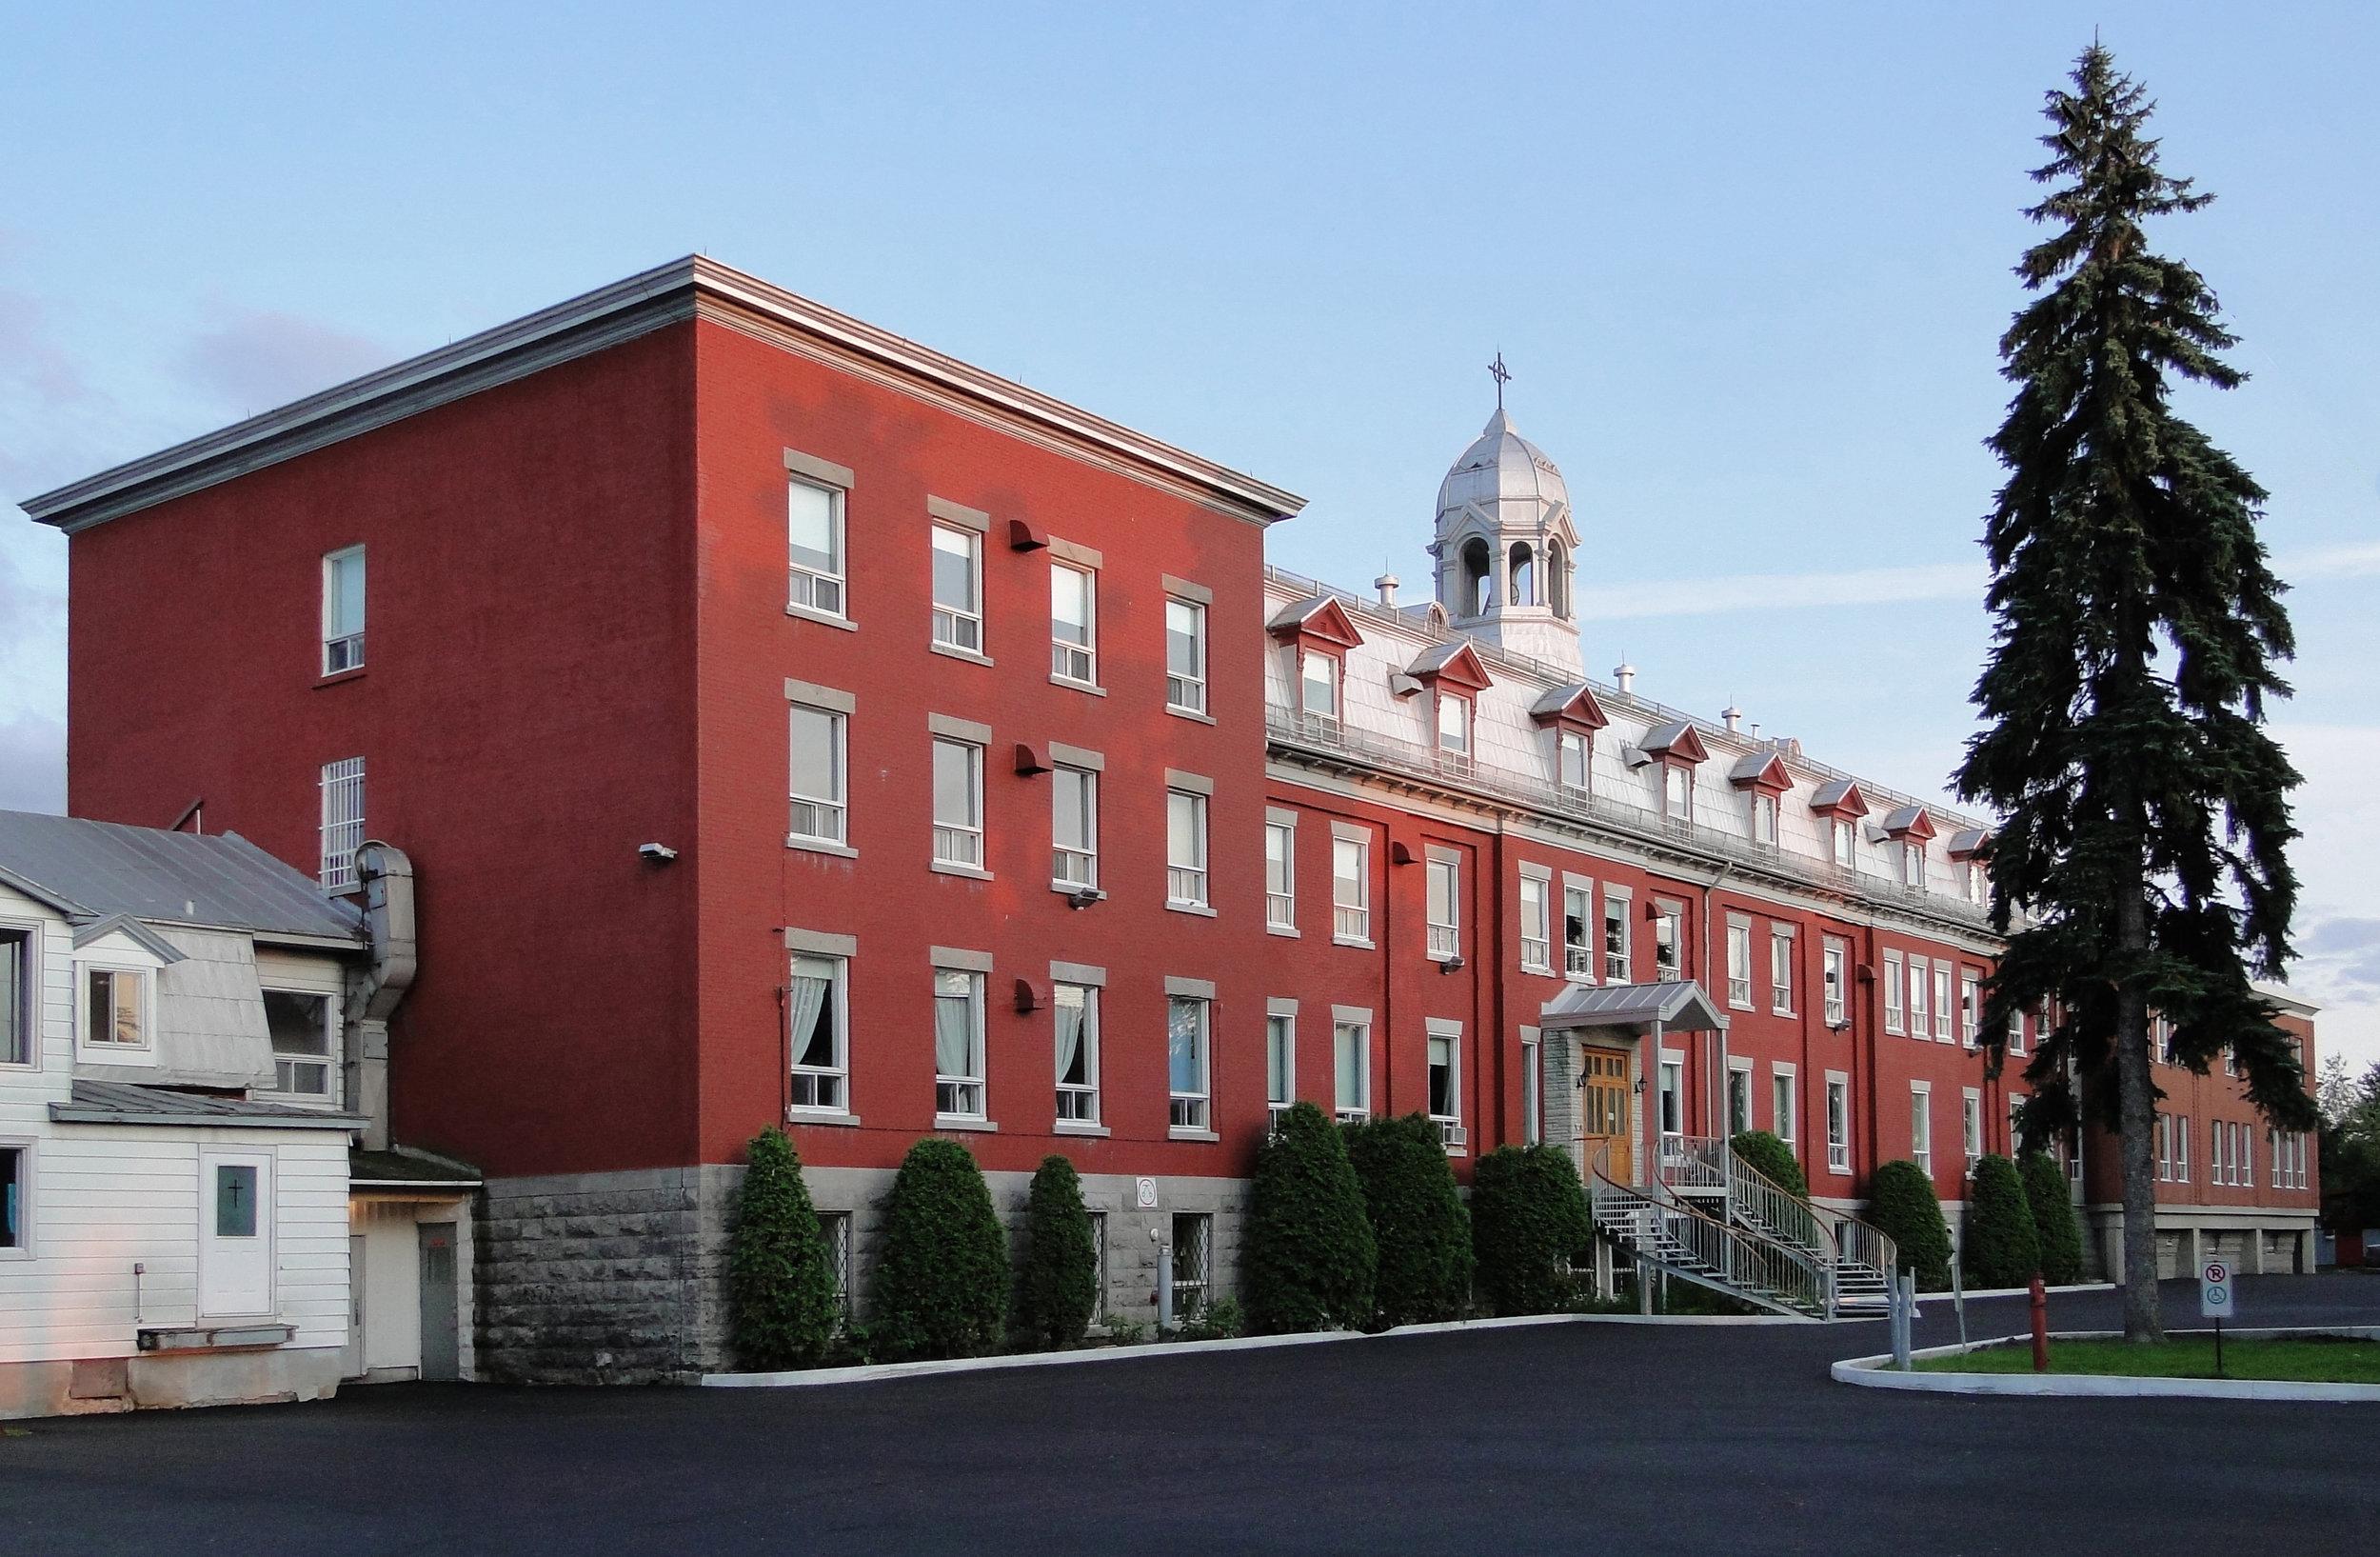 Collège St-Paul - Type Éducation- InstitutionnelMandat Mise aux normes et restaurationLocalisation VarennesDate 2015-2019